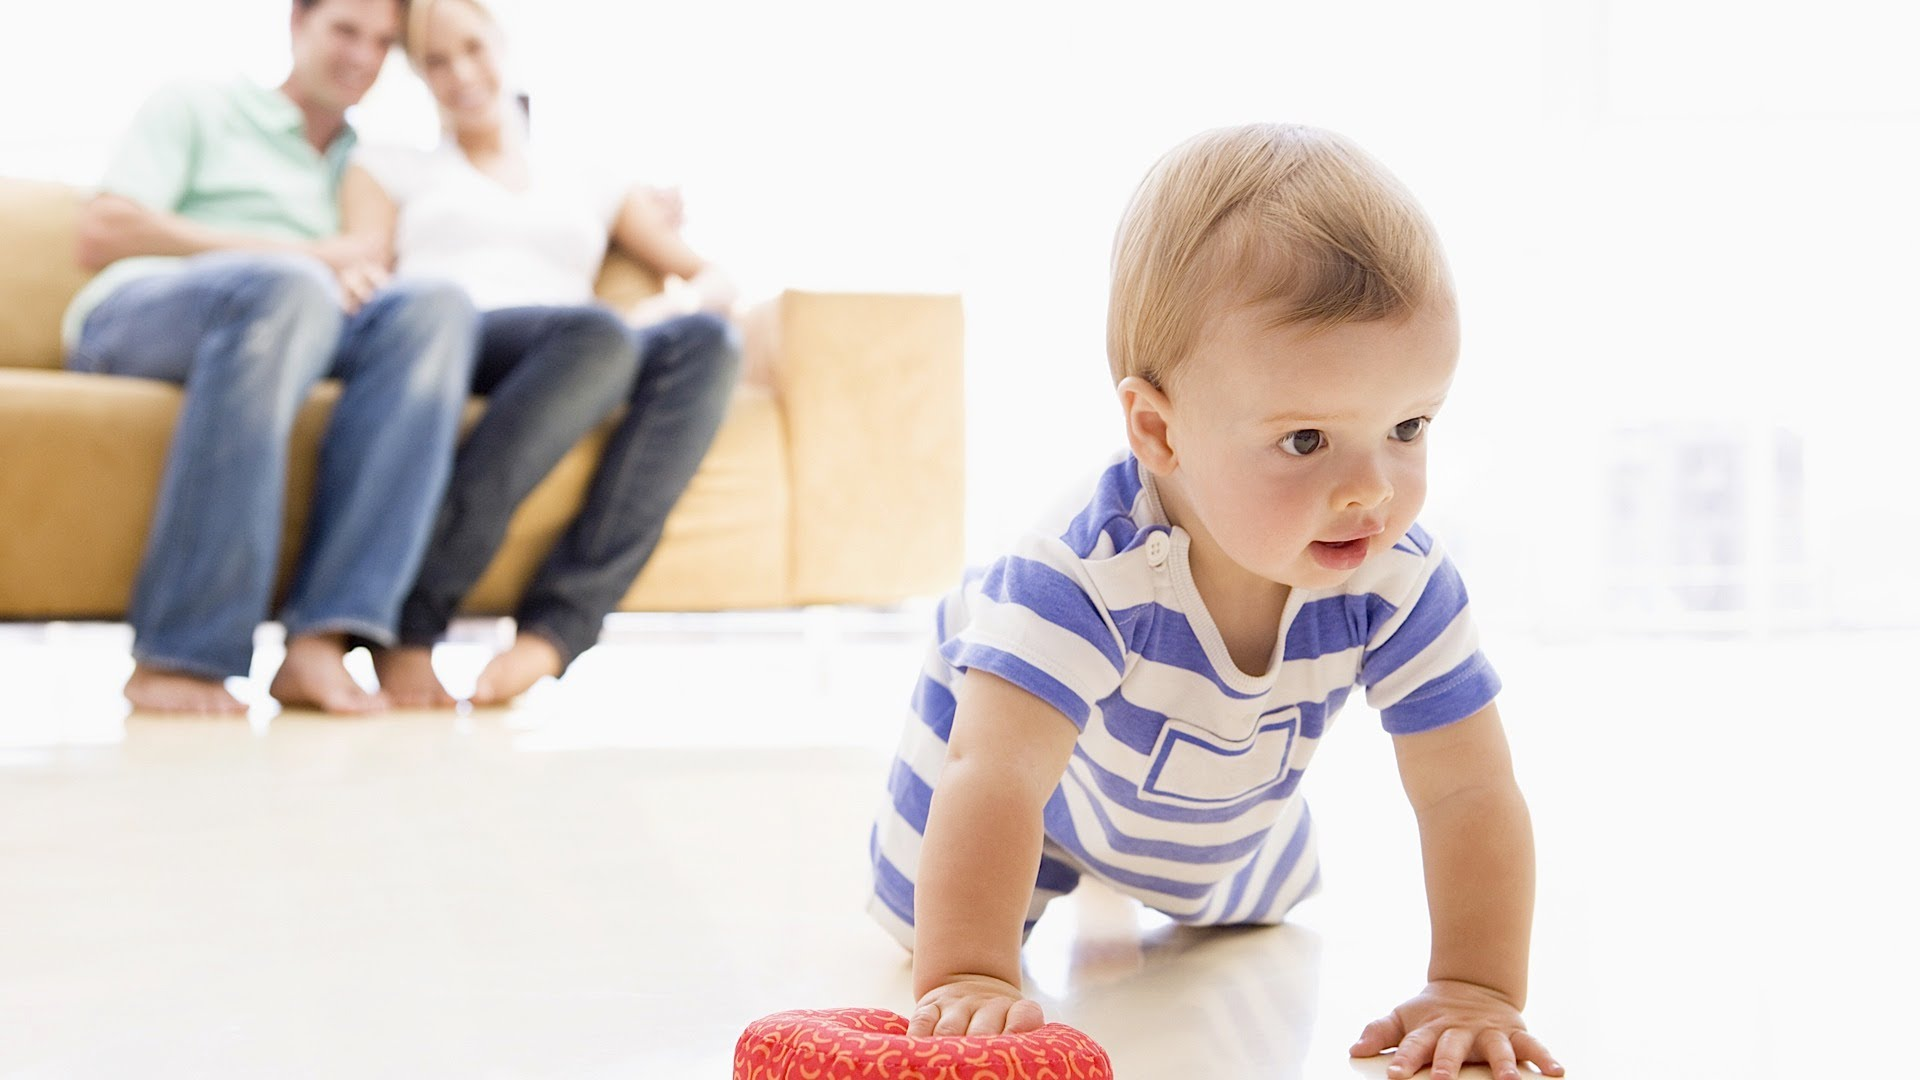 صورة تطور الطفل , تعرف علي مراحل تطور الطفل 3008